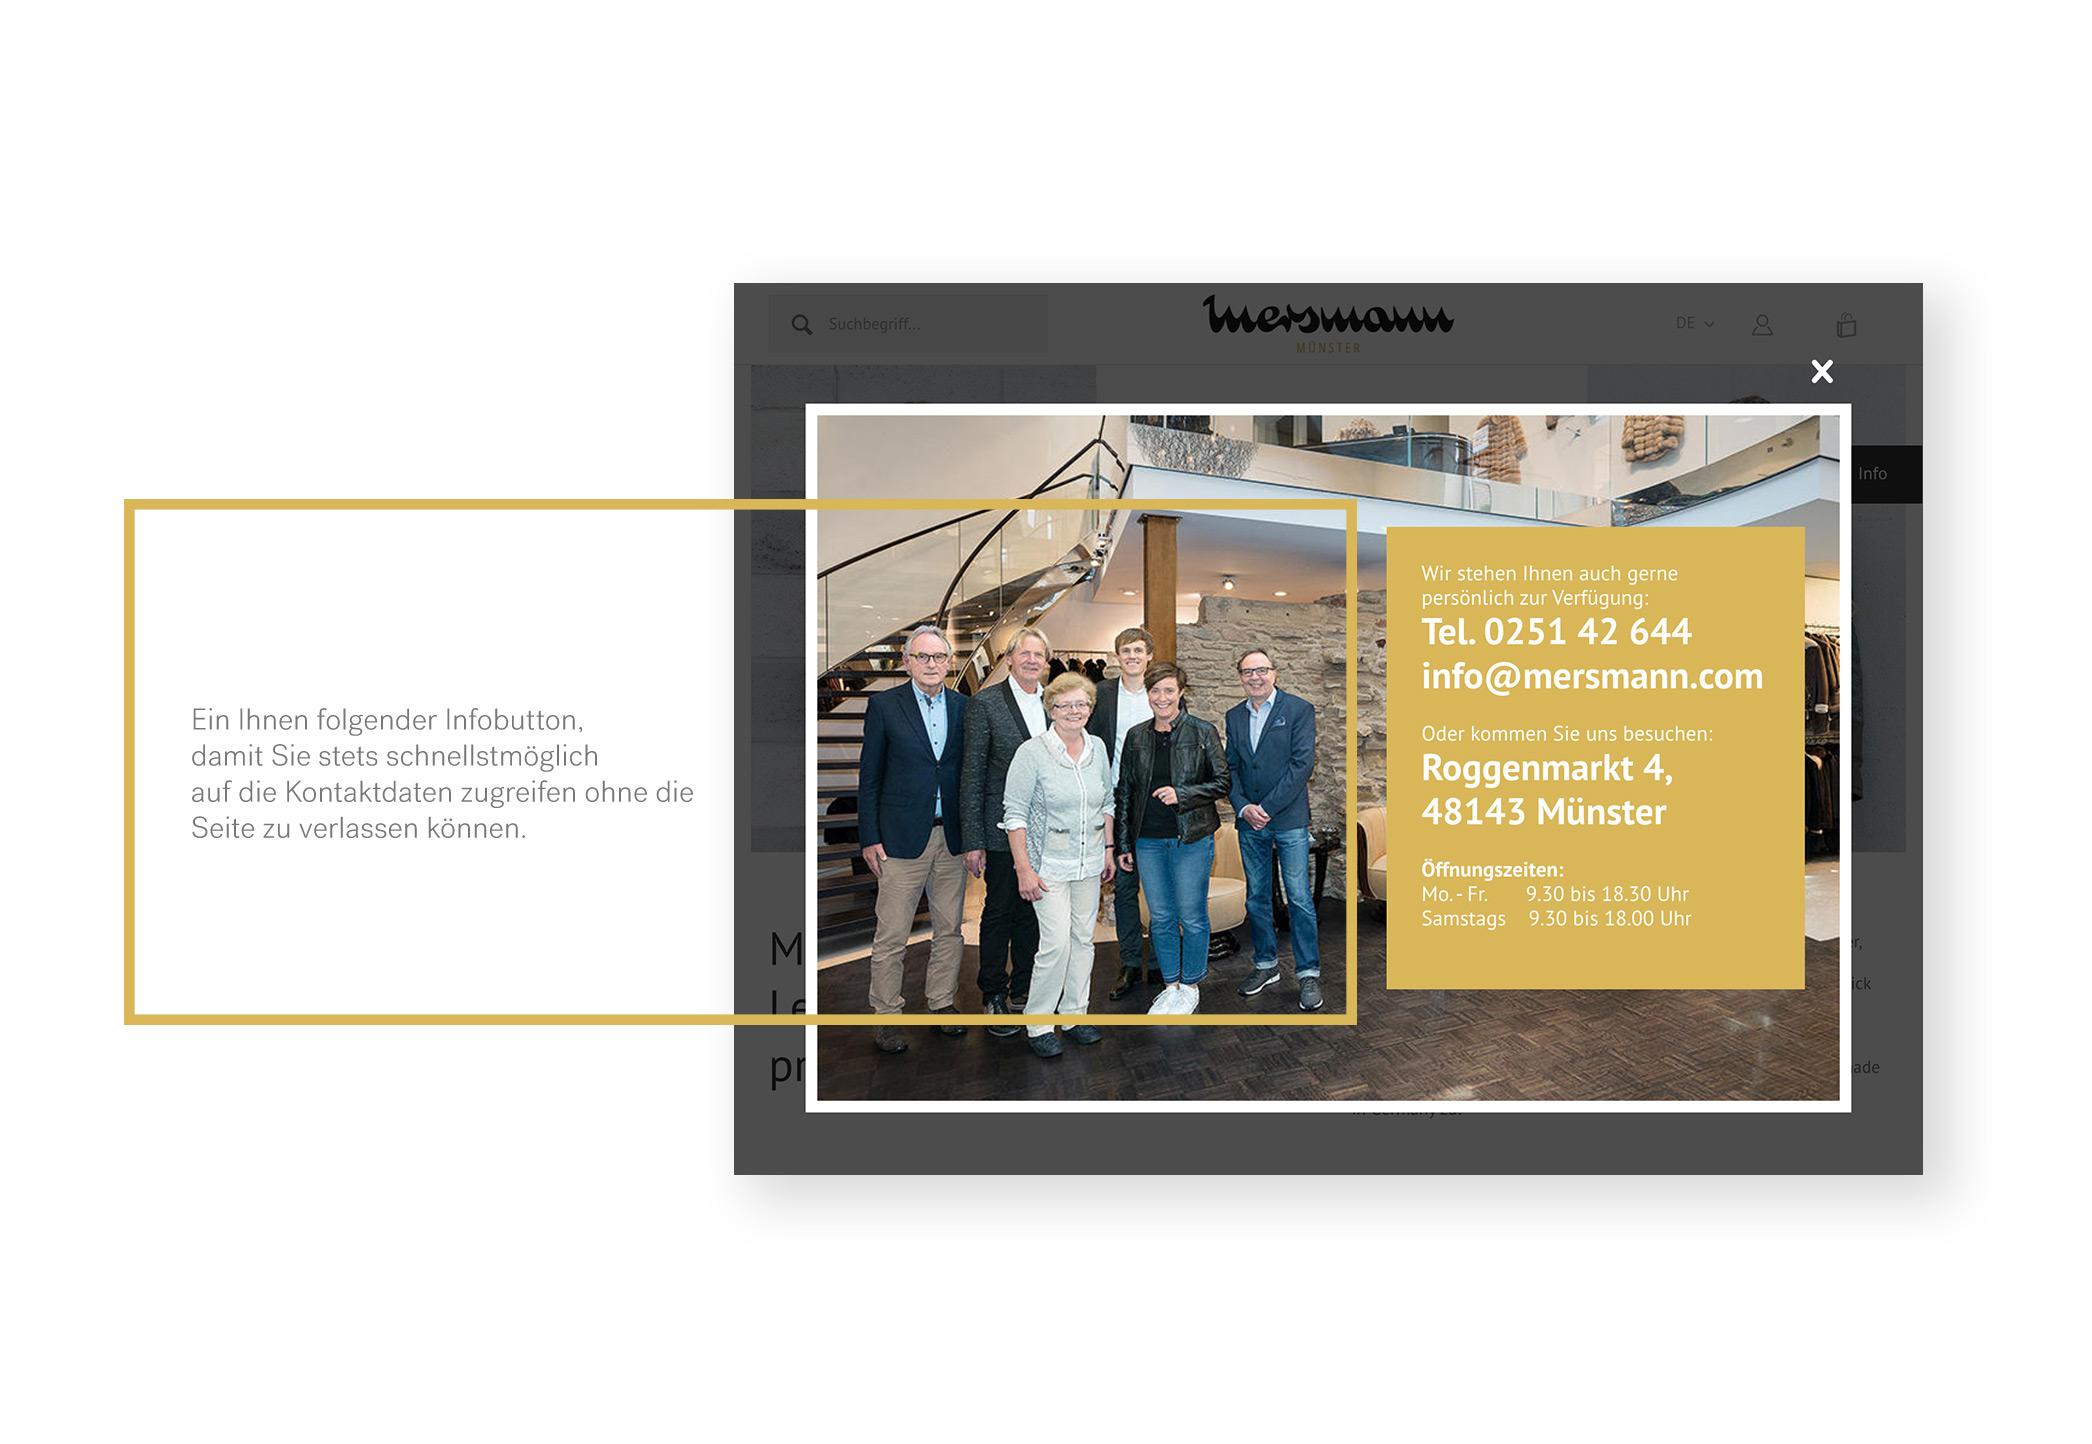 UX Design für Mersmann Onlineshop - Made By Onelio Werbeagentur